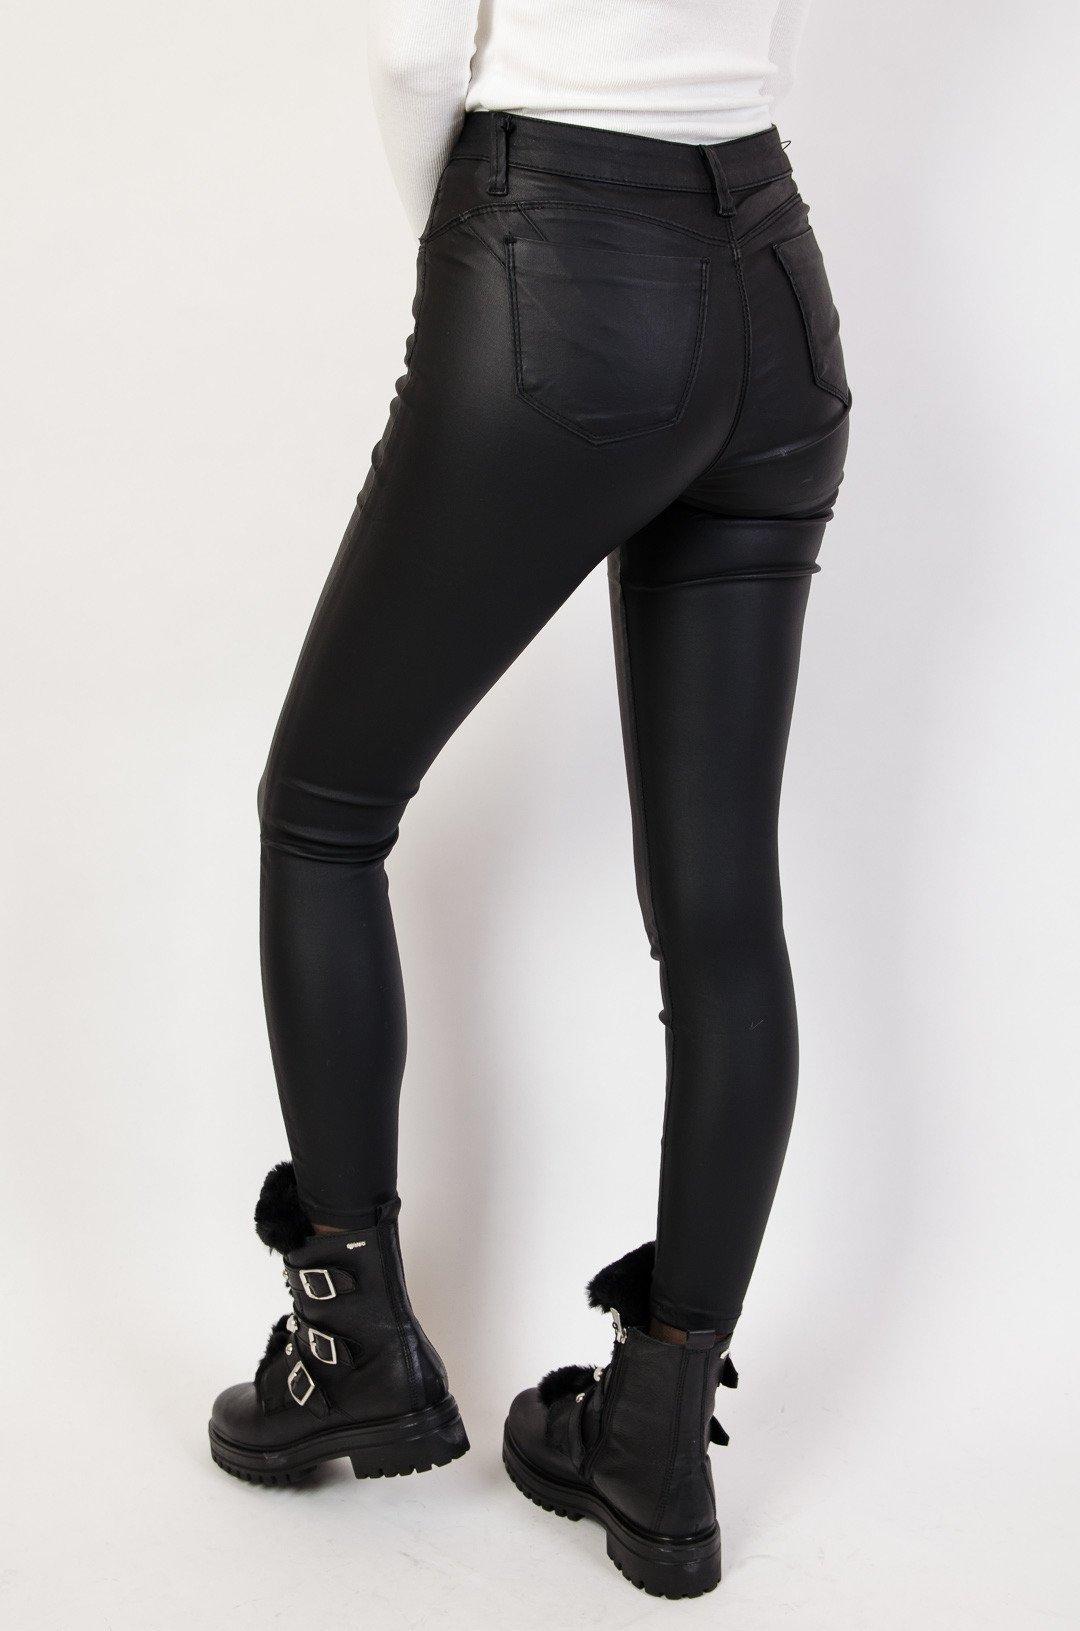 0671cd6a31672a Czarne spodnie skórkowe Push up | NOWOŚCI KOLEKCJA \ Spodnie ...